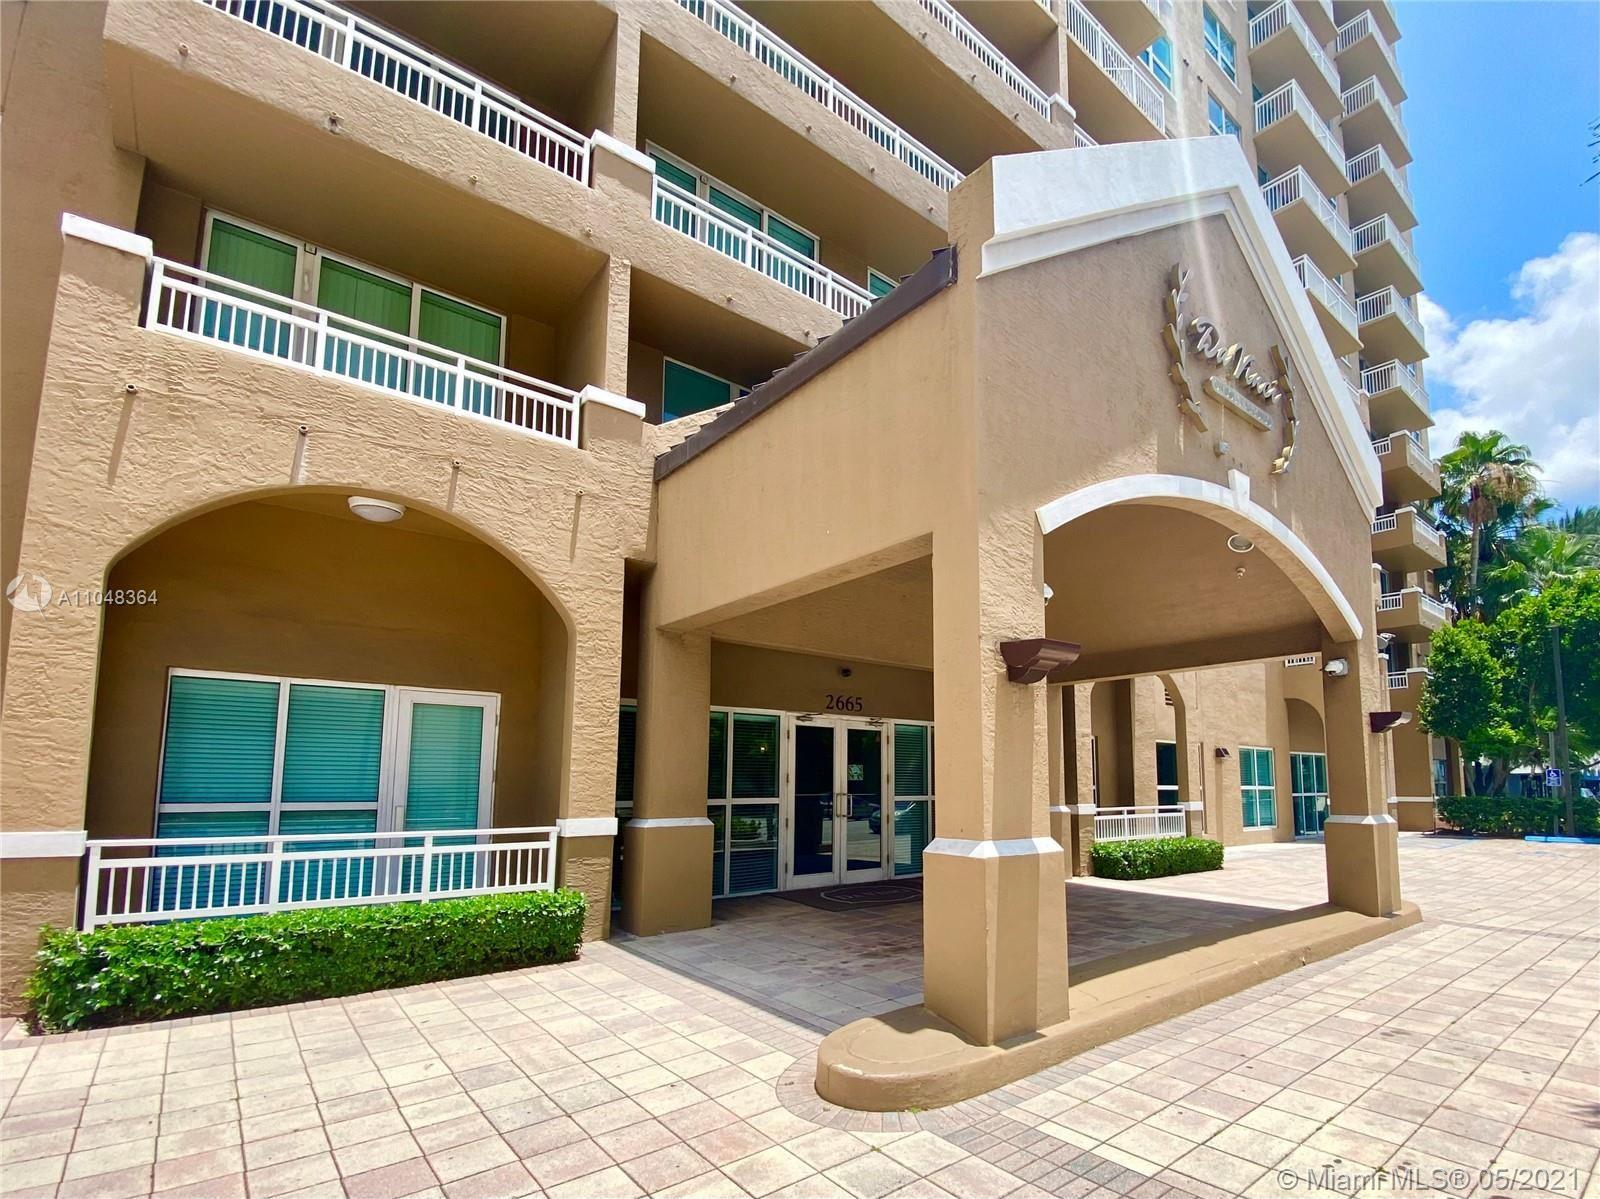 2665 SW 37th Ave #309, Miami, FL 33133 - #: A11048364